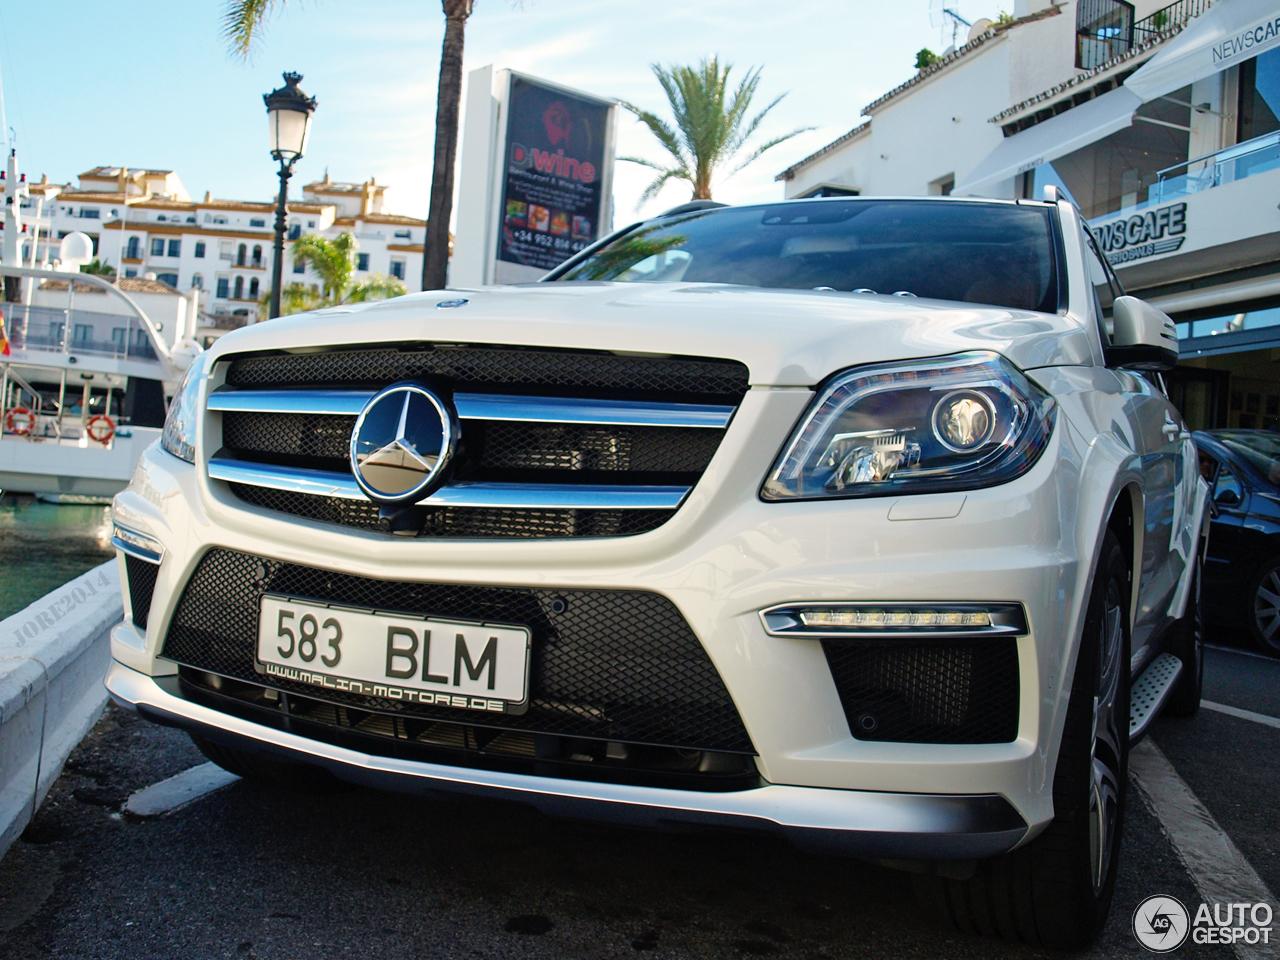 Mercedes benz gl 63 amg x166 7 febrero 2015 autogespot for Mercedes benz gl amg 2015